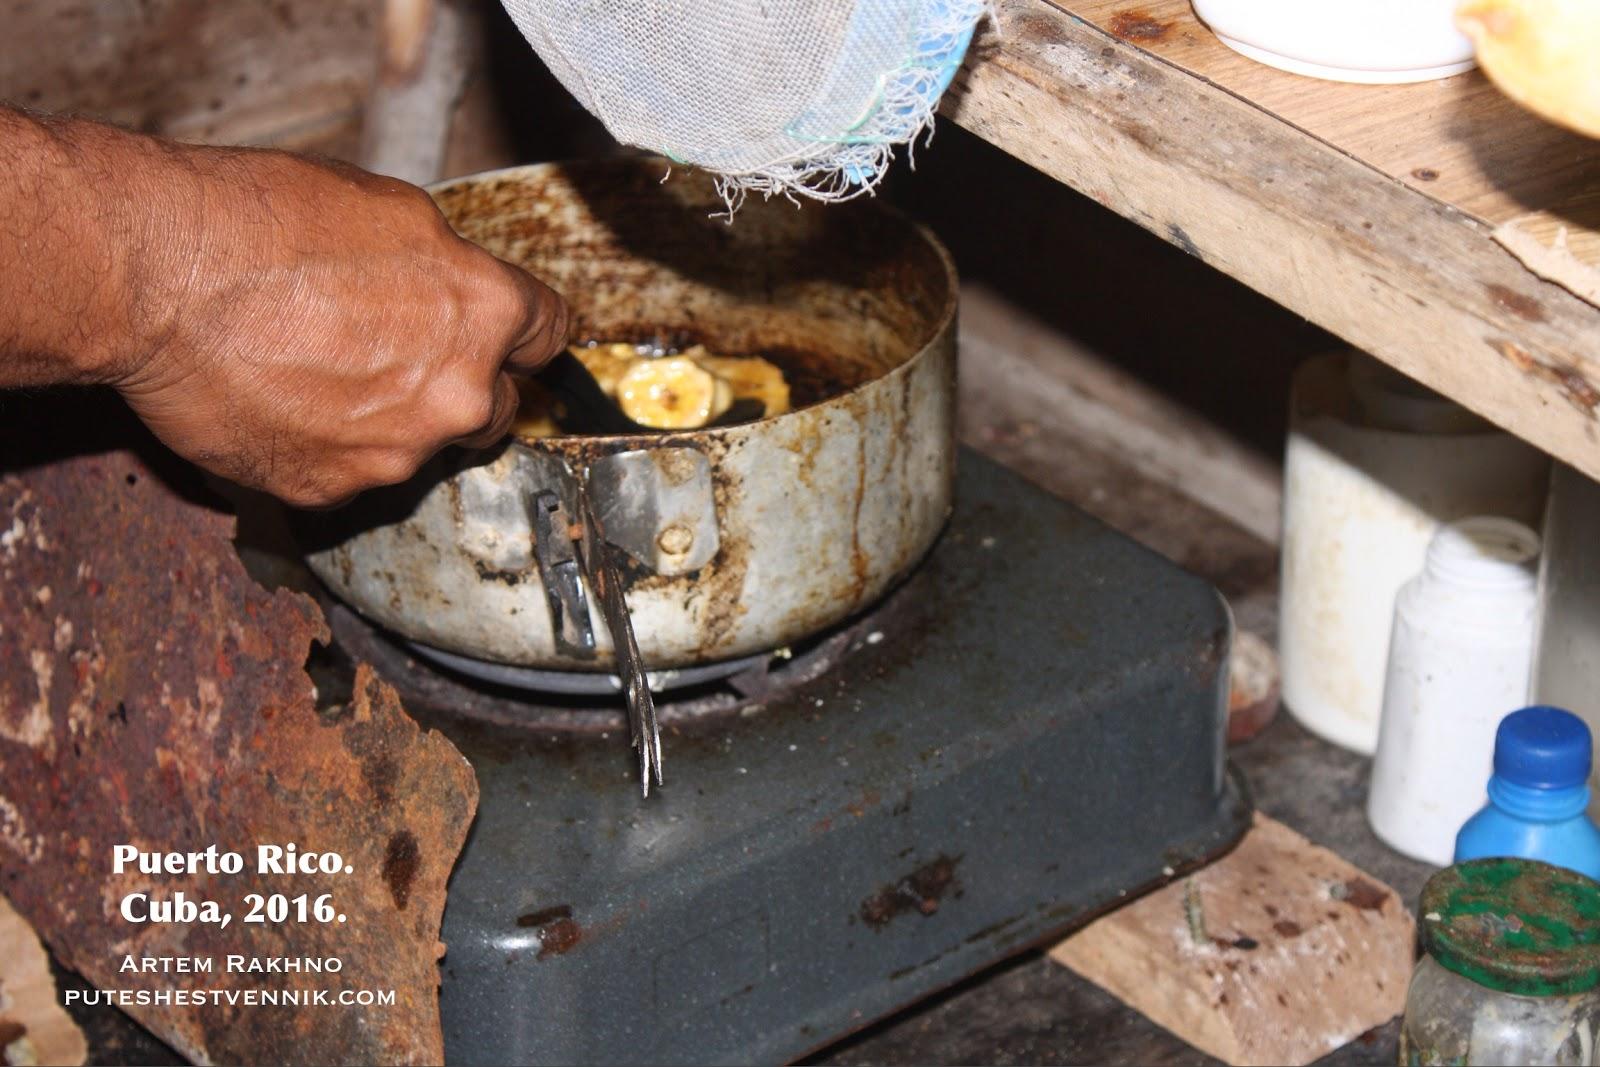 Кубинец жарит бананы на бараньем жире